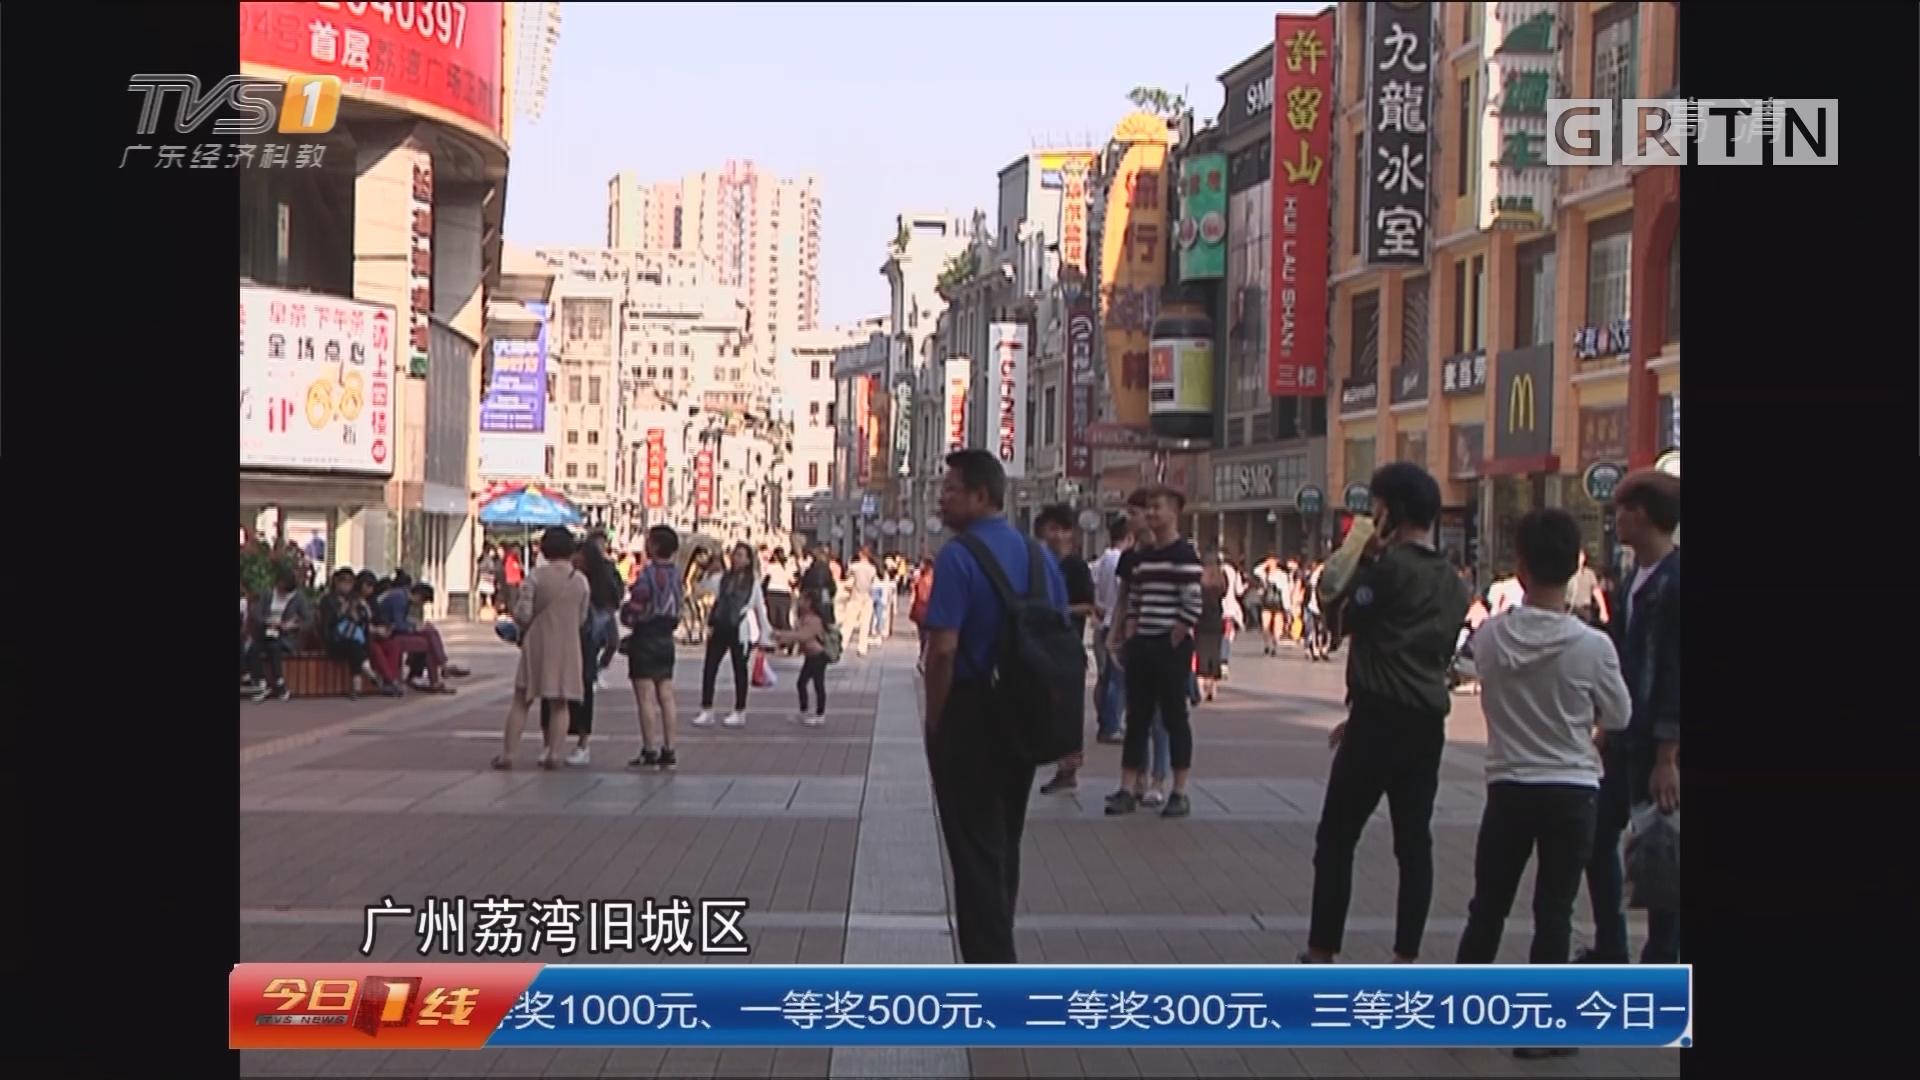 广州荔湾:构建老城步行系统 连接历史文化景点